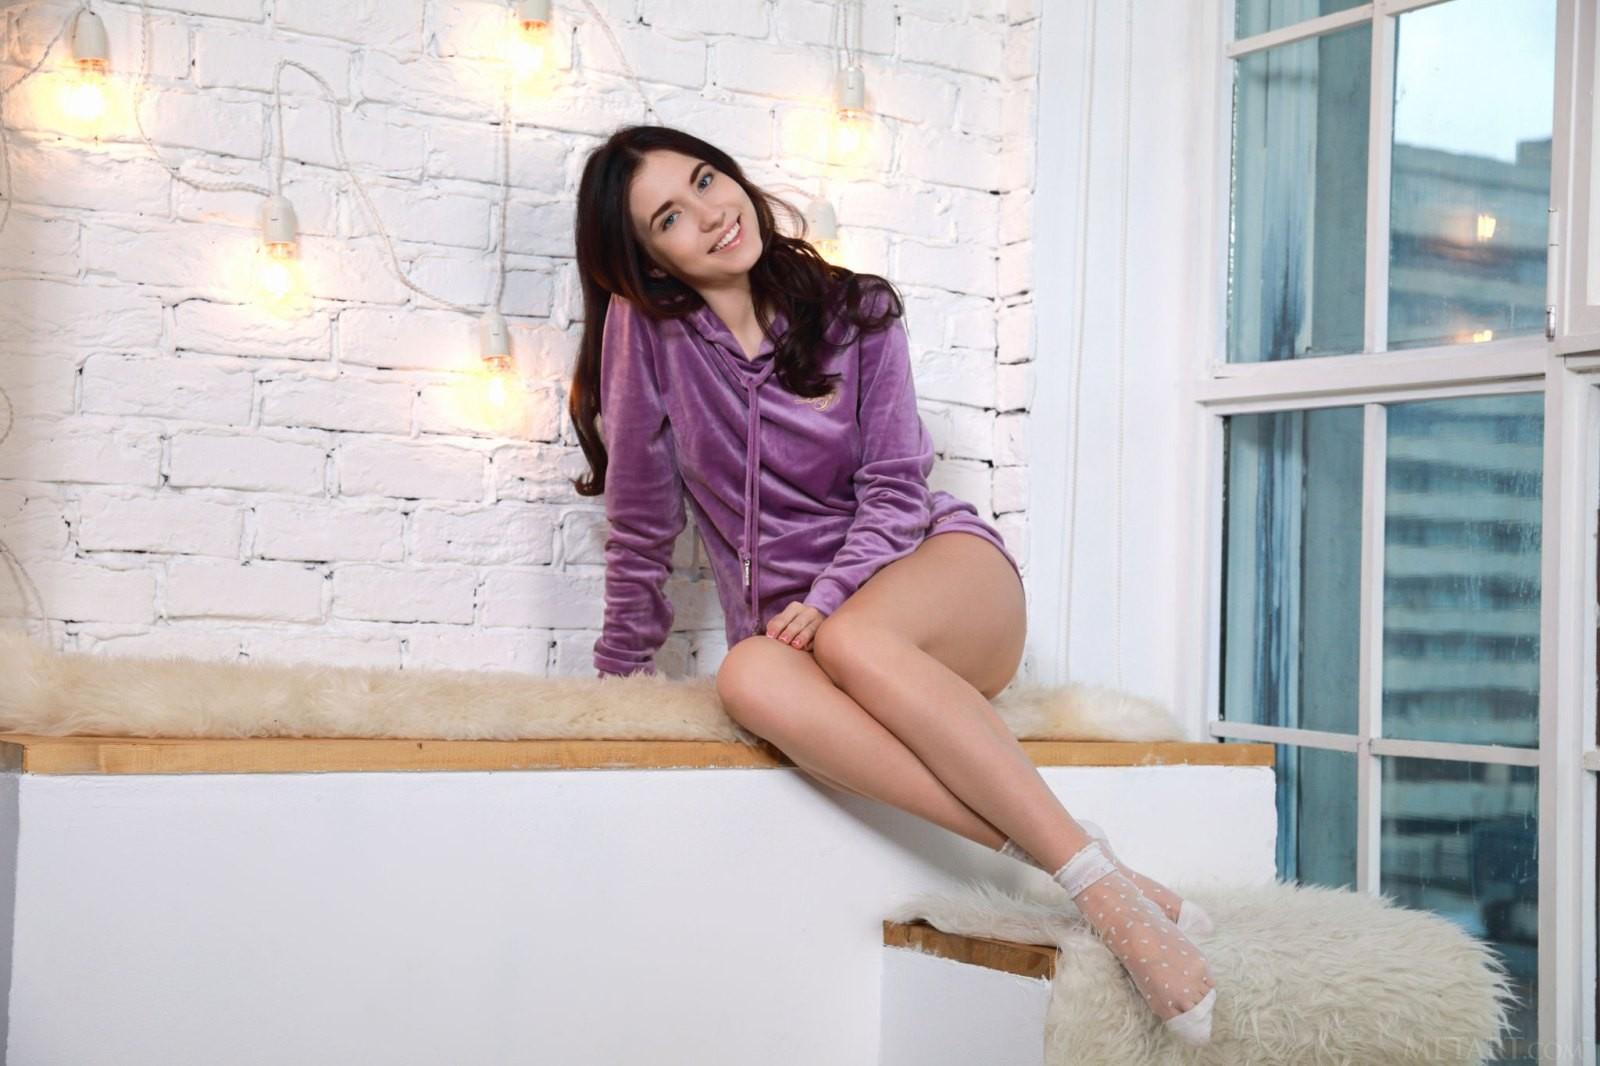 Темноволосая милашка снимает пижаму - фото